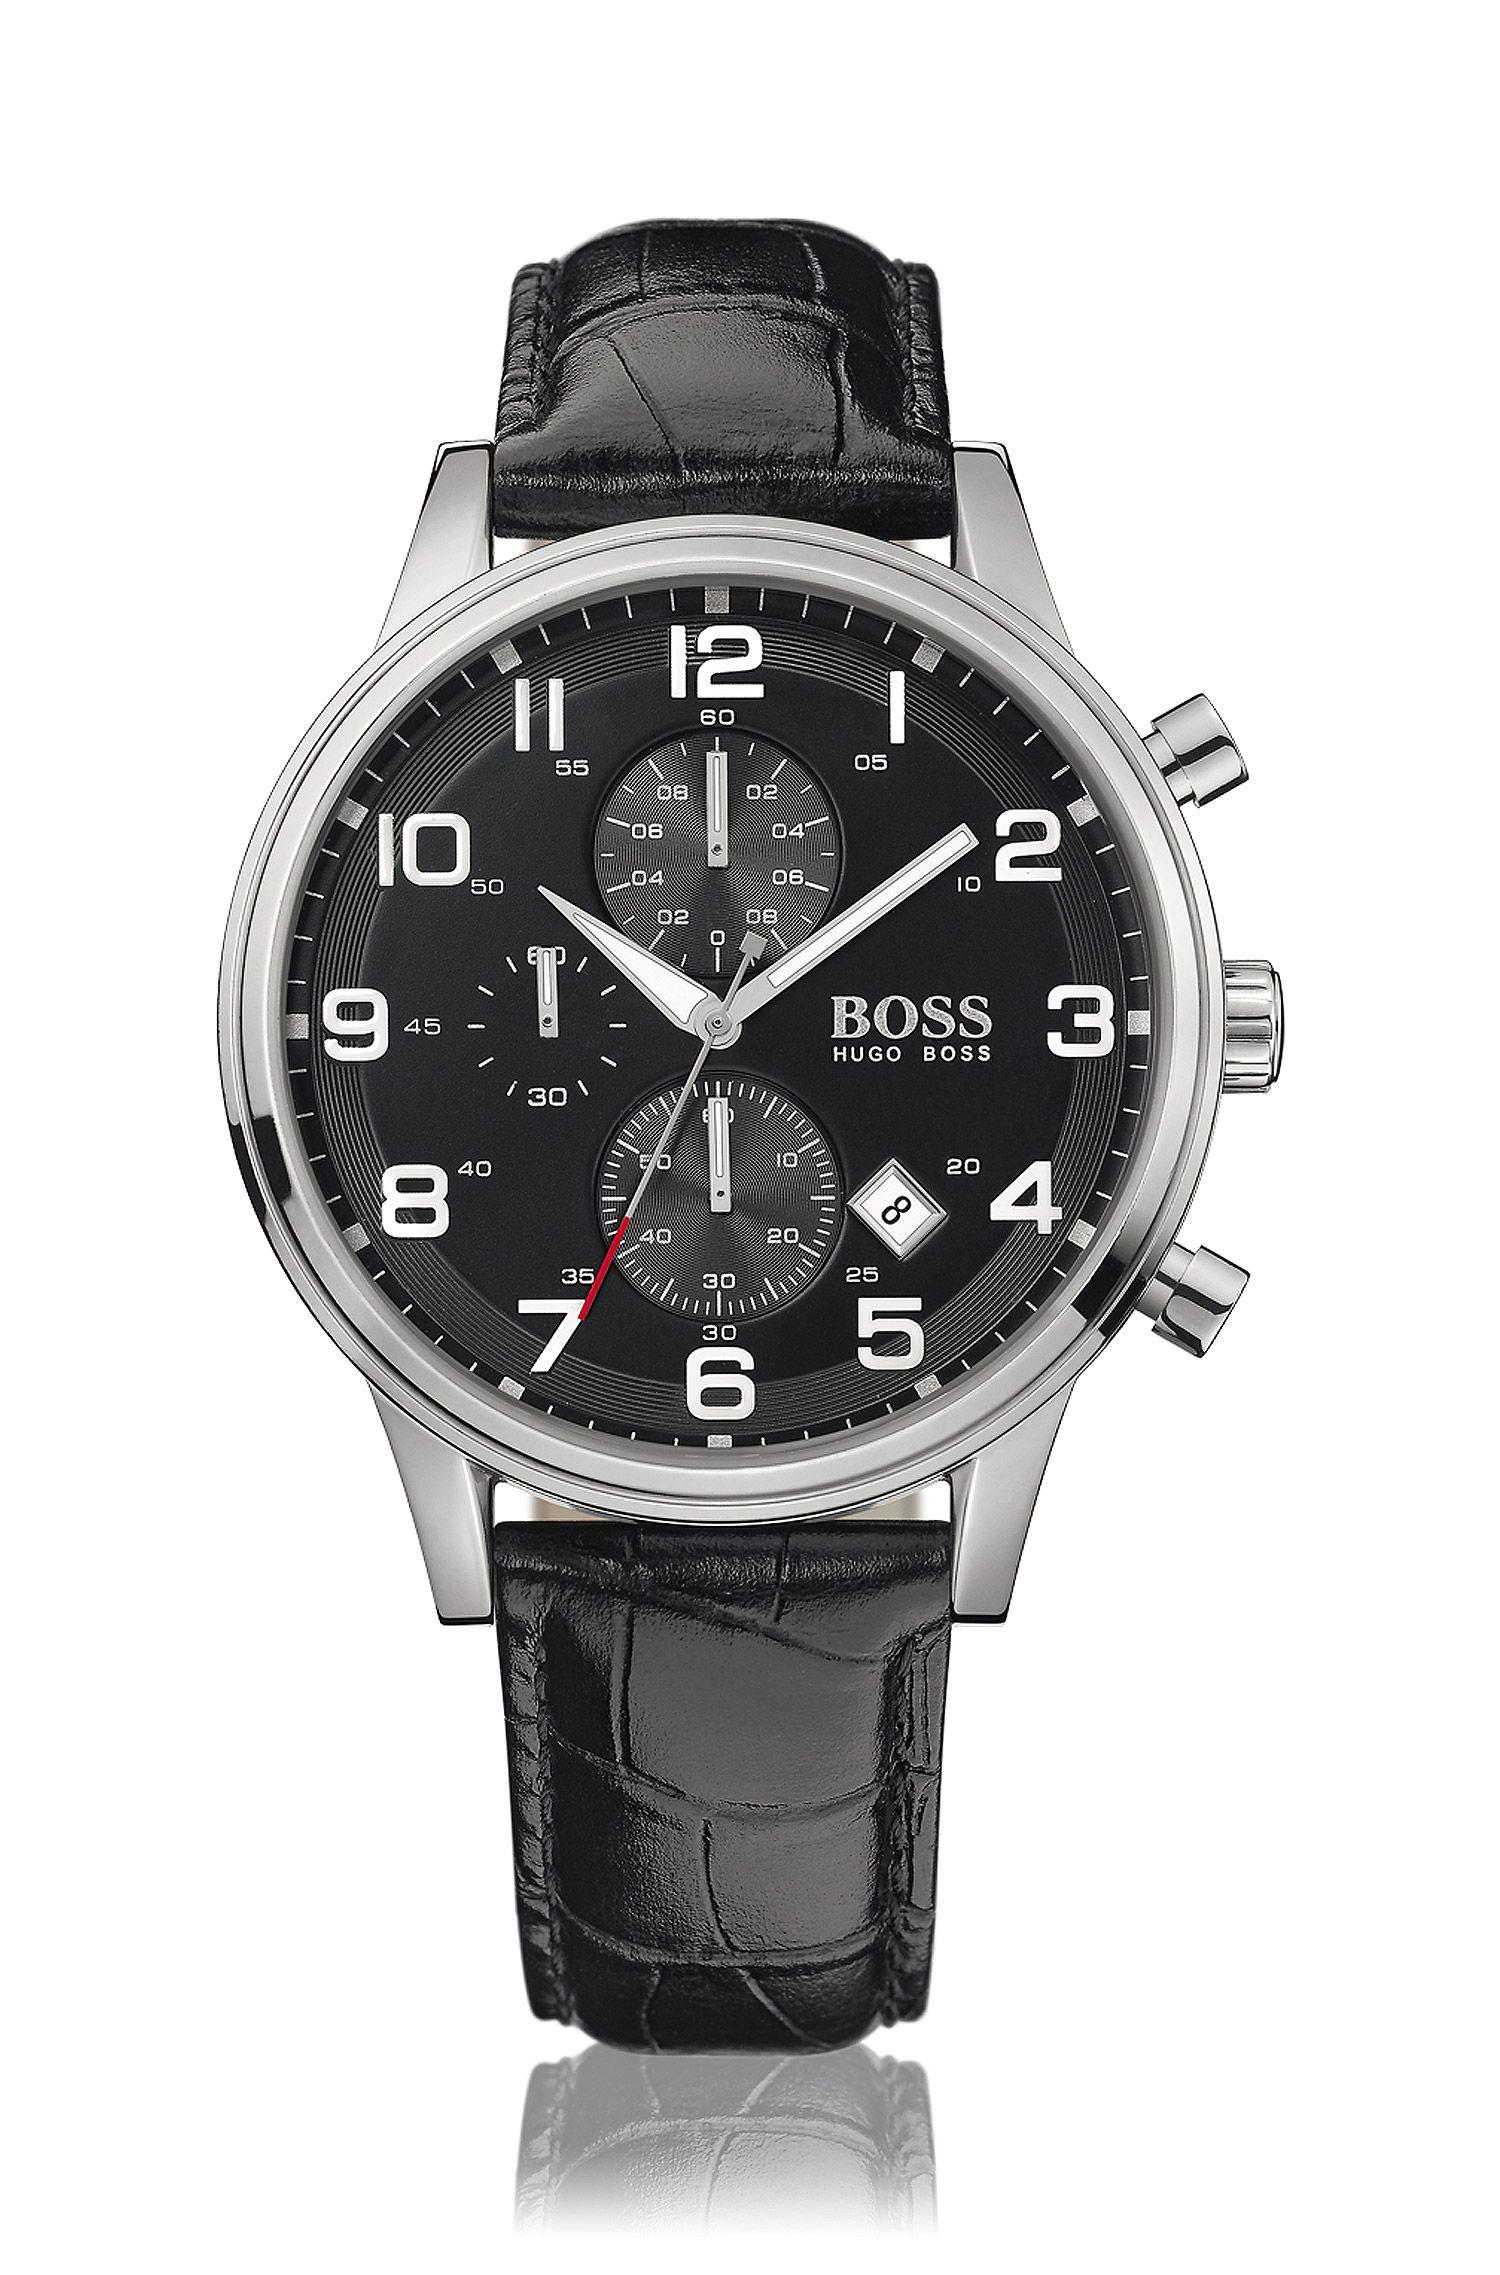 Montre chronographe flyback à deux sous-cadrans, en acier inoxydable avec un cadran noir